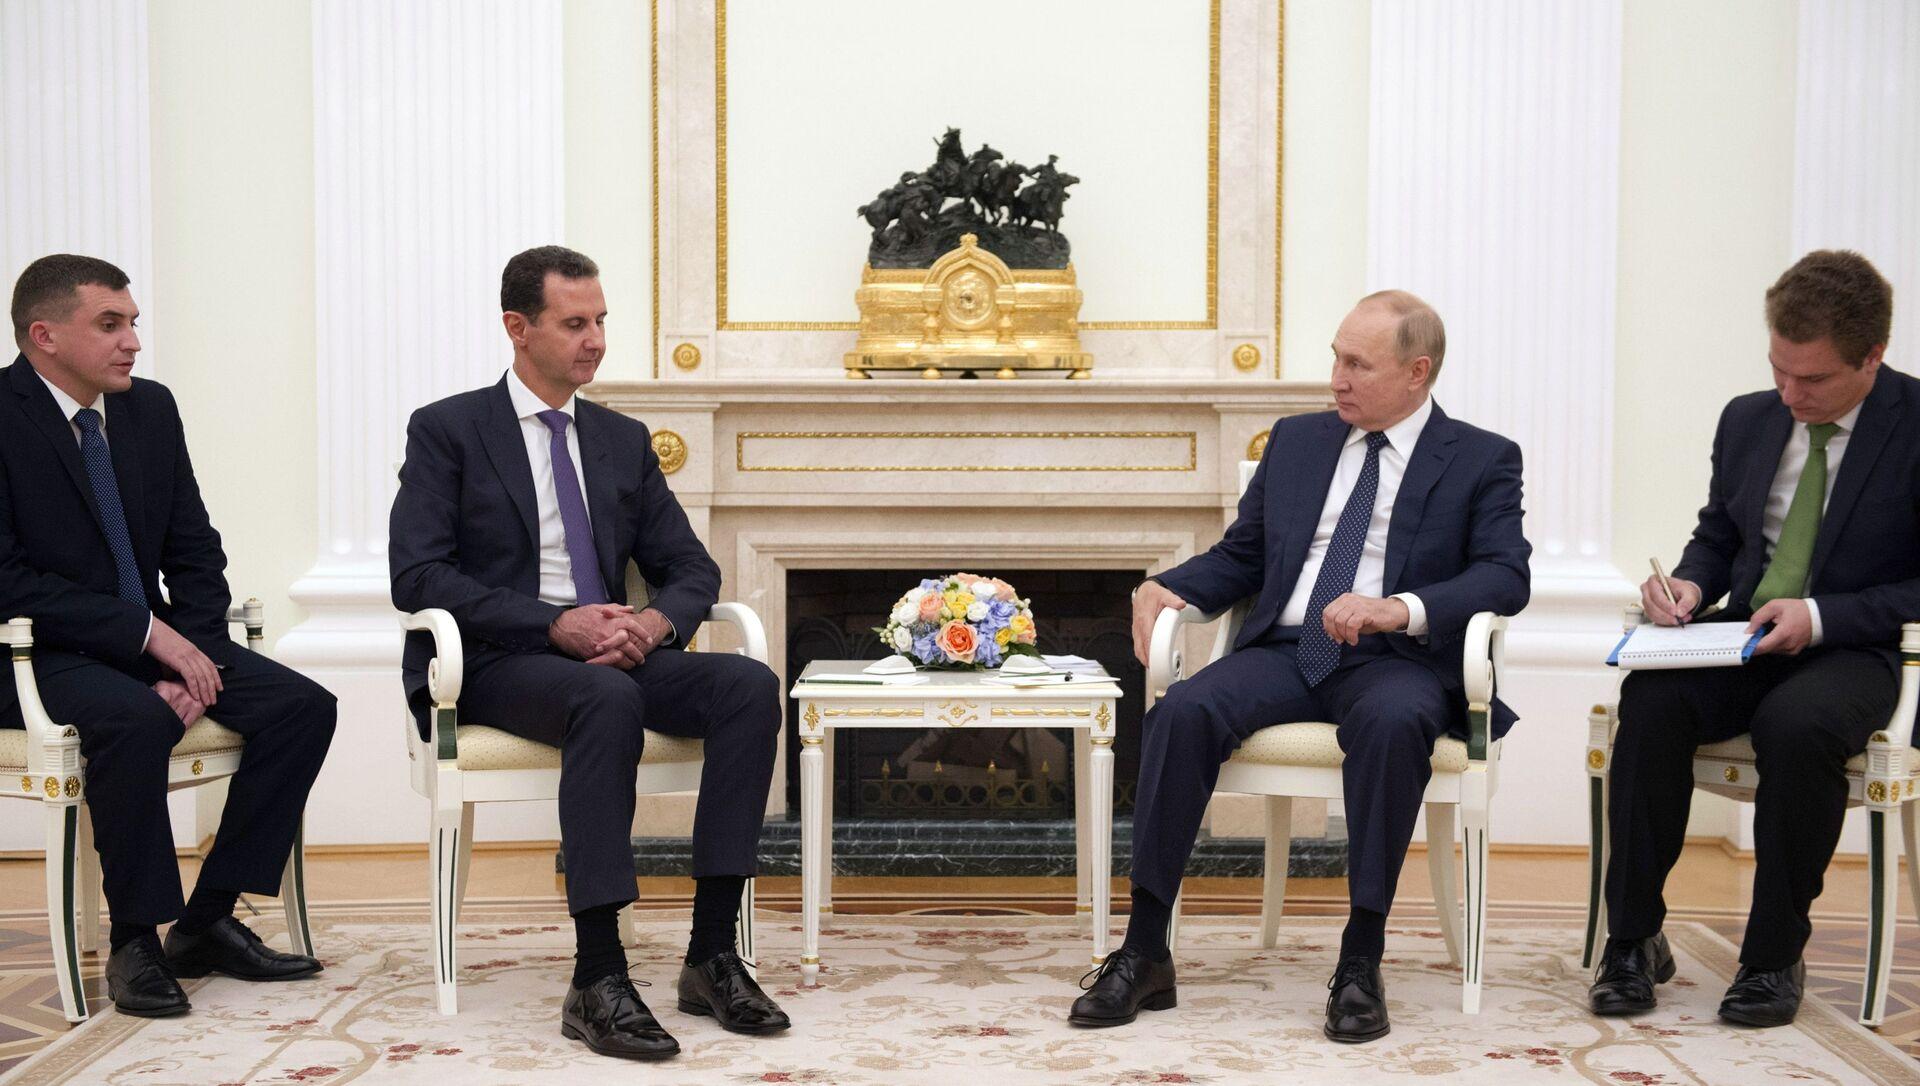 Le Président Poutine et le Président Assad à Moscou, le 13 septembre 2021 - Sputnik France, 1920, 14.09.2021